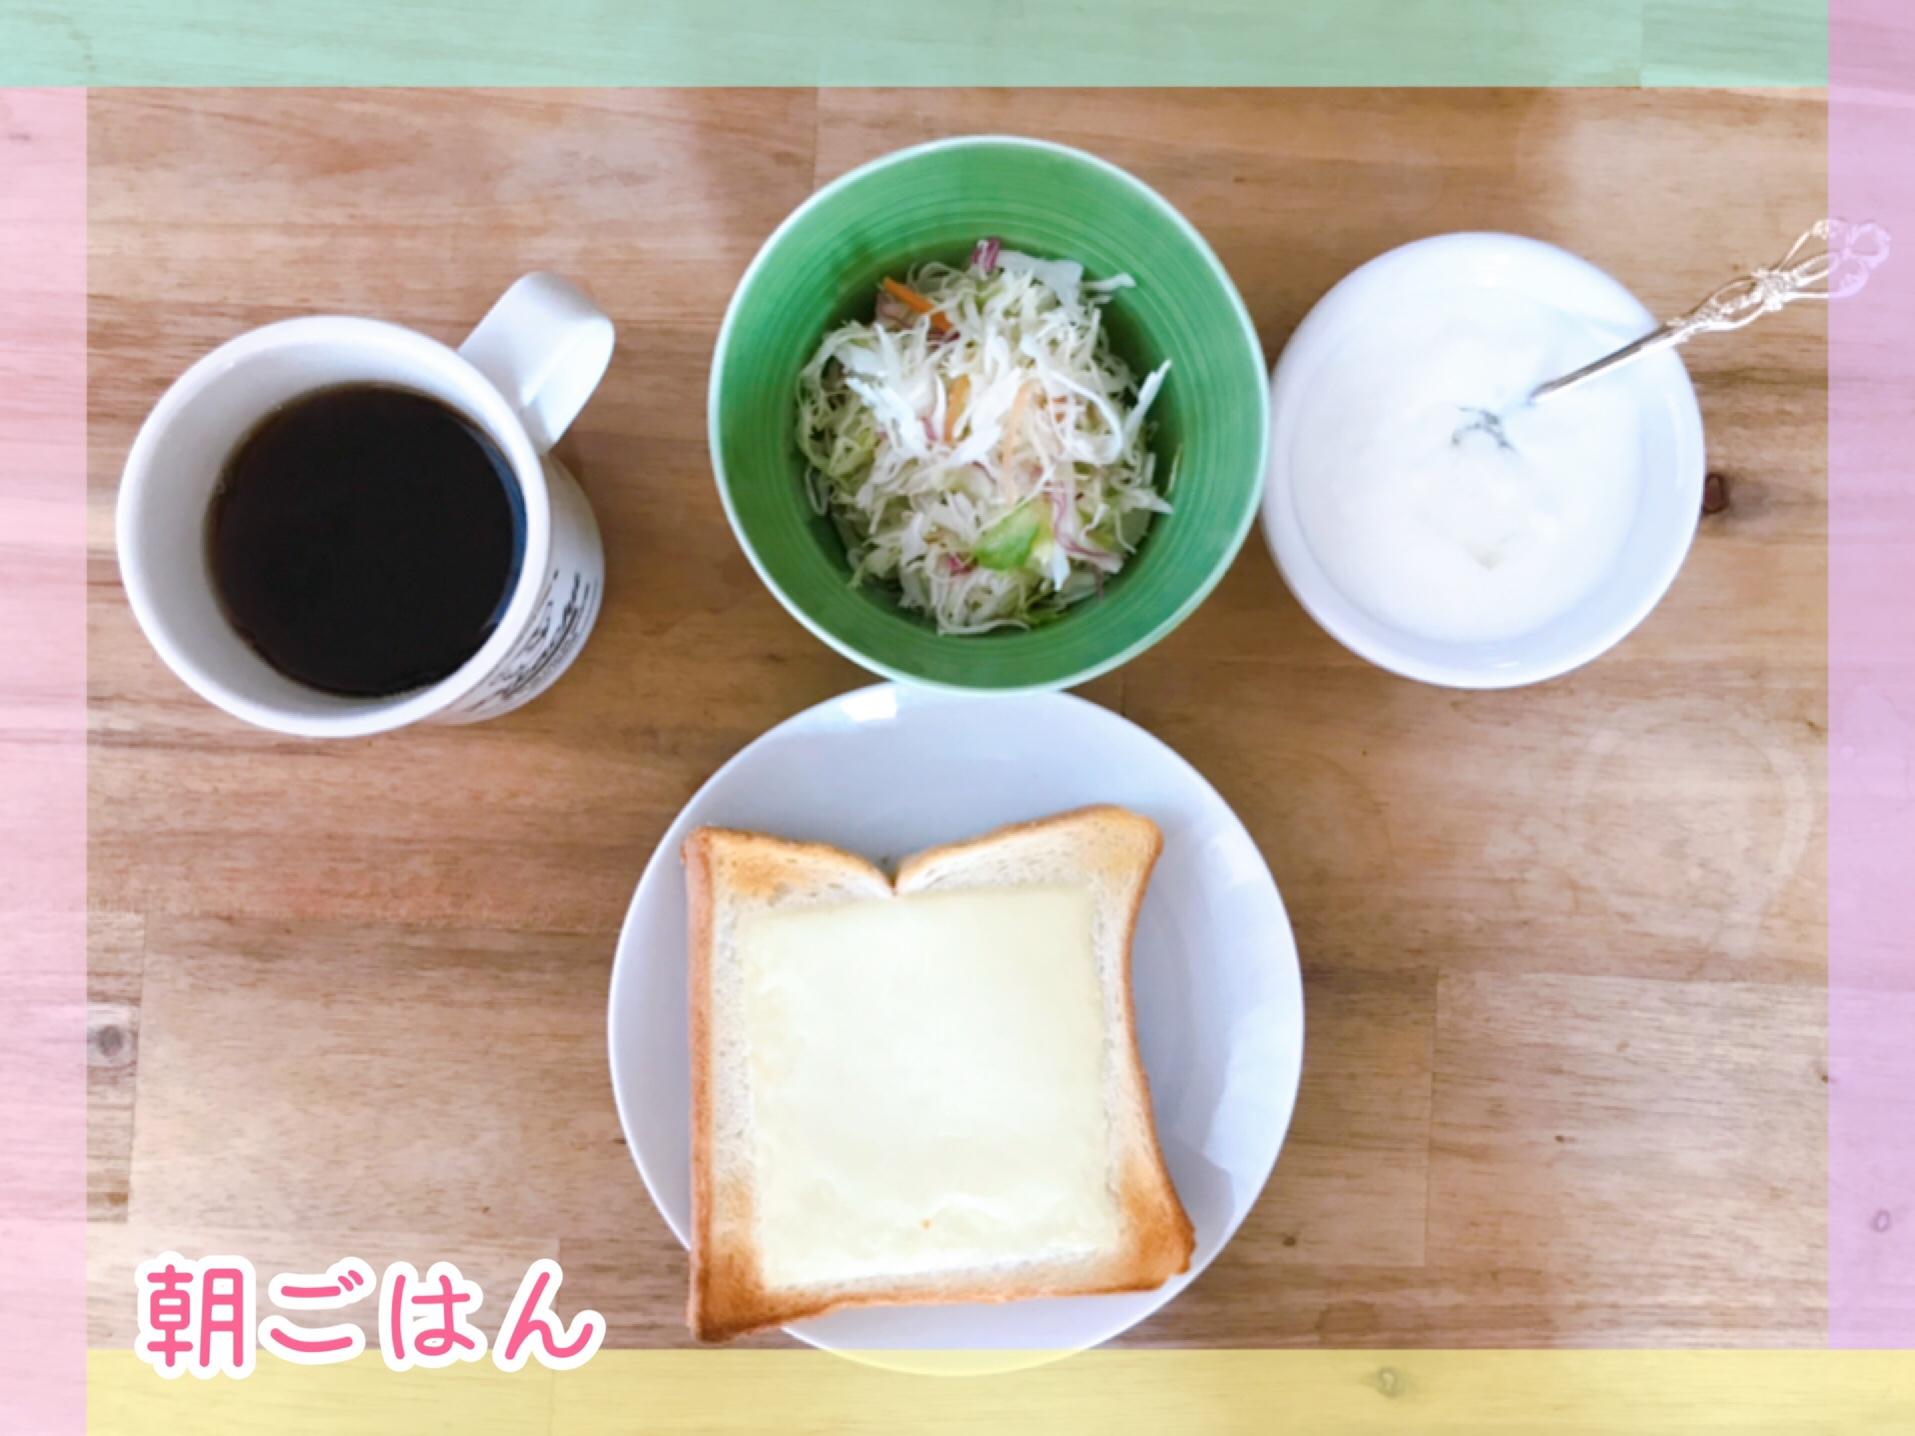 夜ご飯の置き換えダイエット実践結果